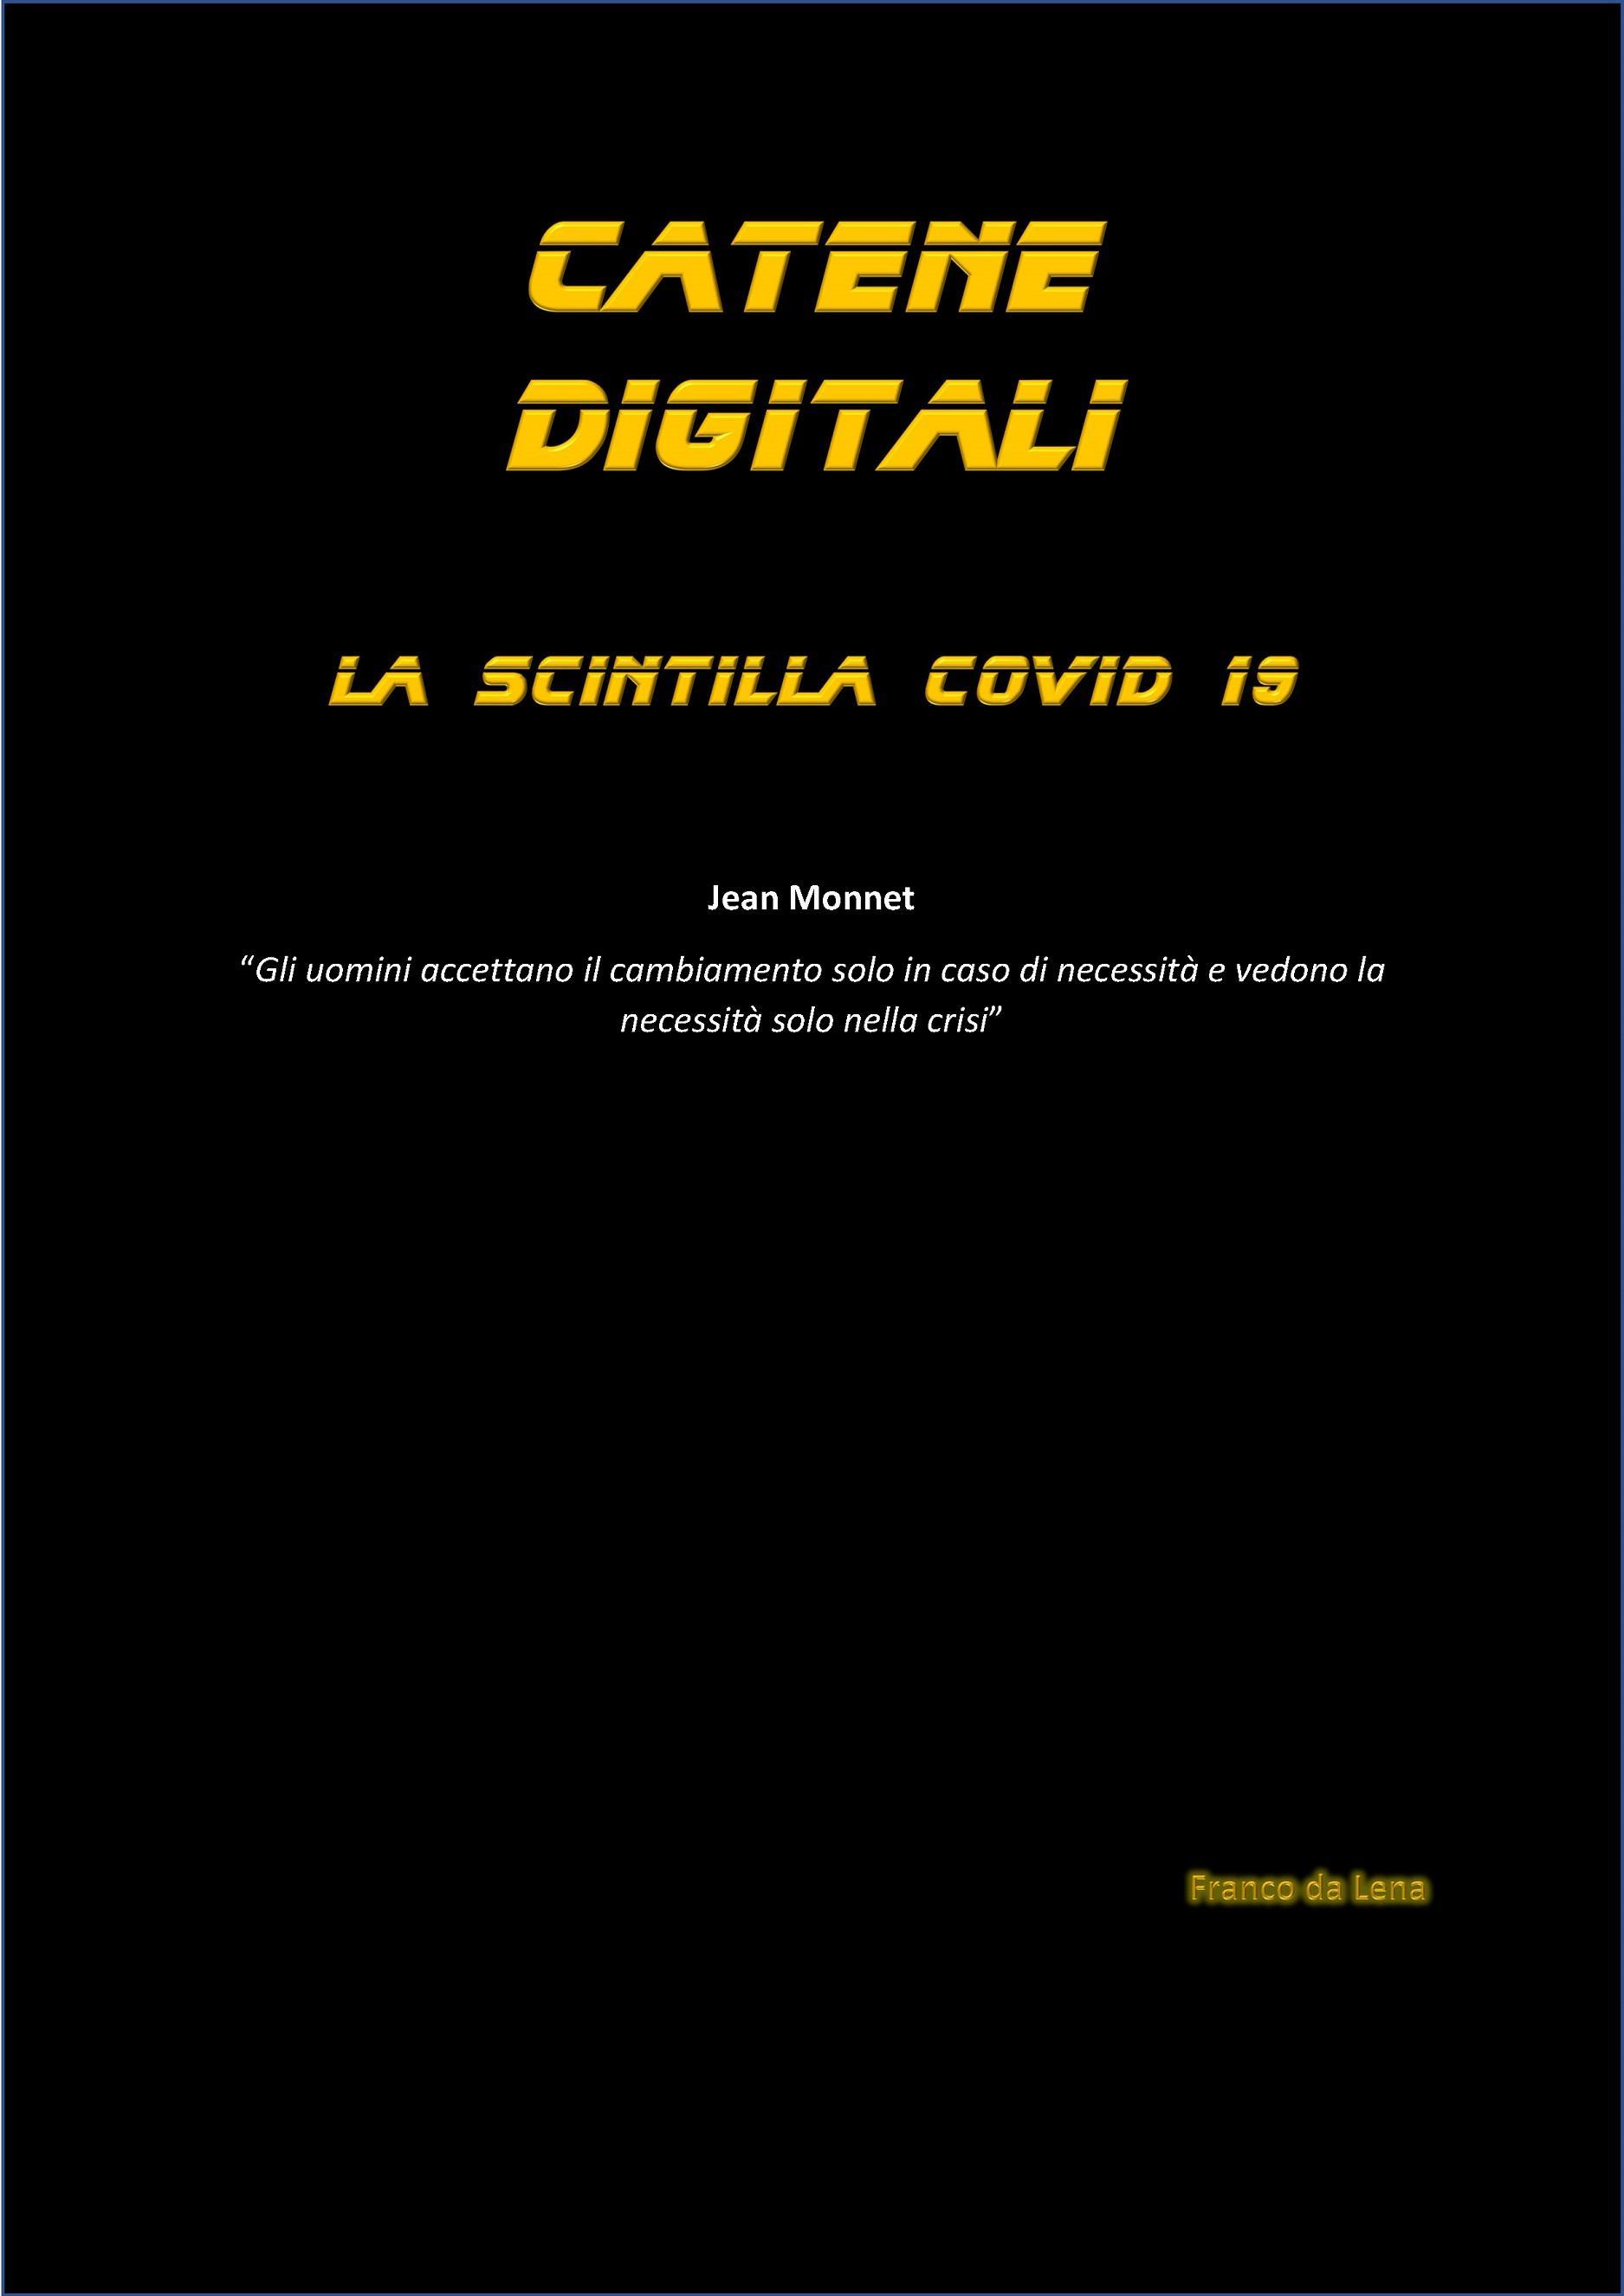 Catene Digitali - la scintilla Covid 19